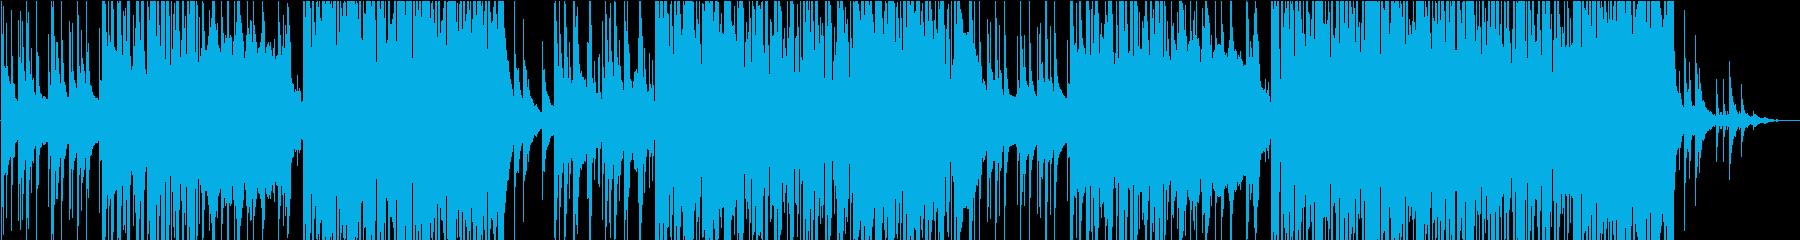 静かなピアノのFuture Bassの再生済みの波形